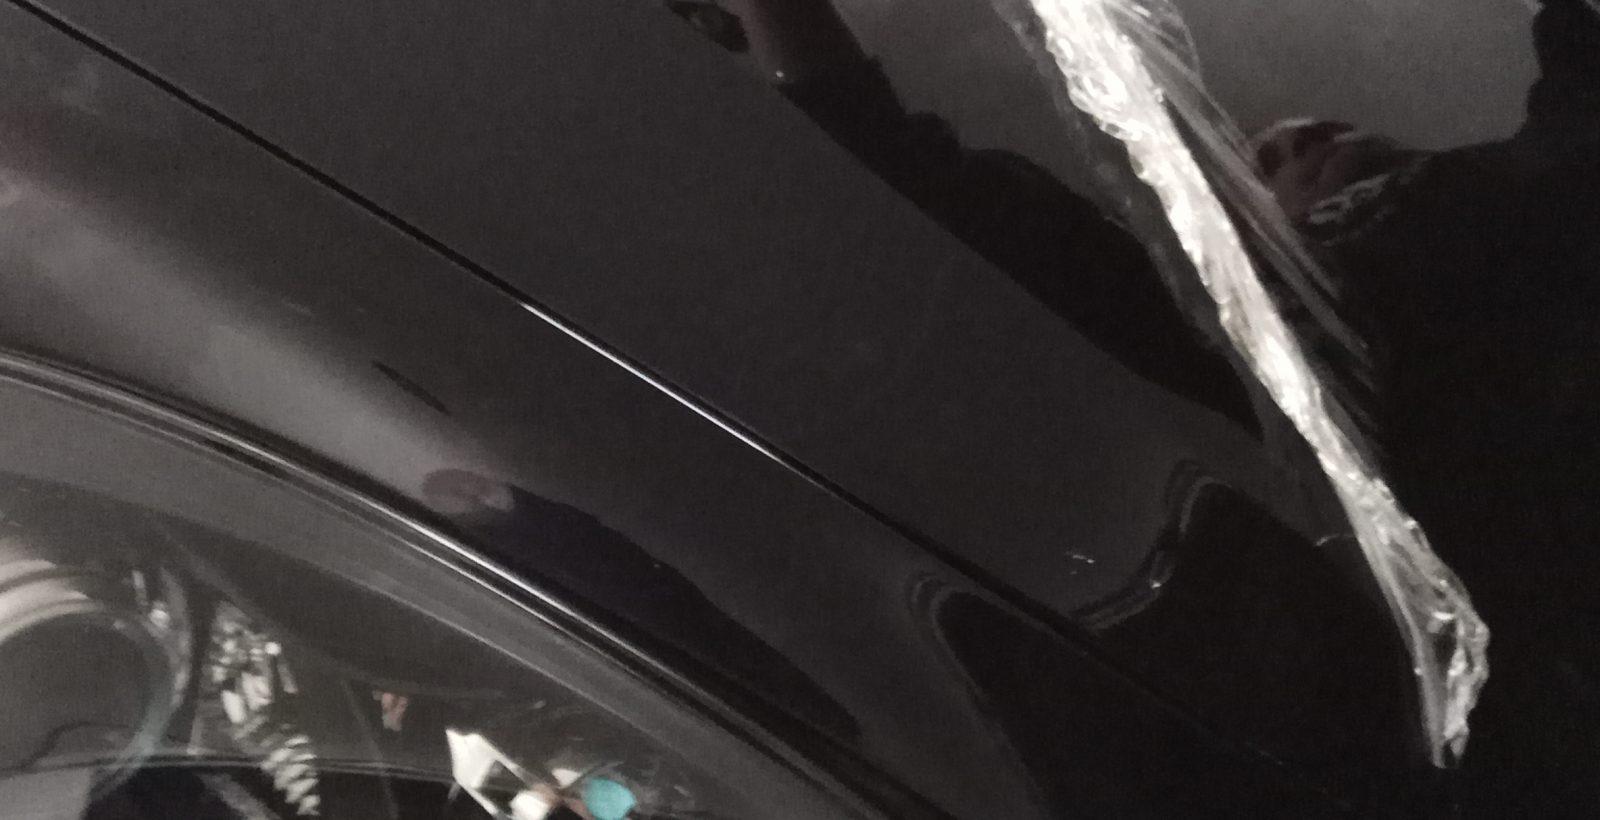 снятие плёнки Porsche Cayenne